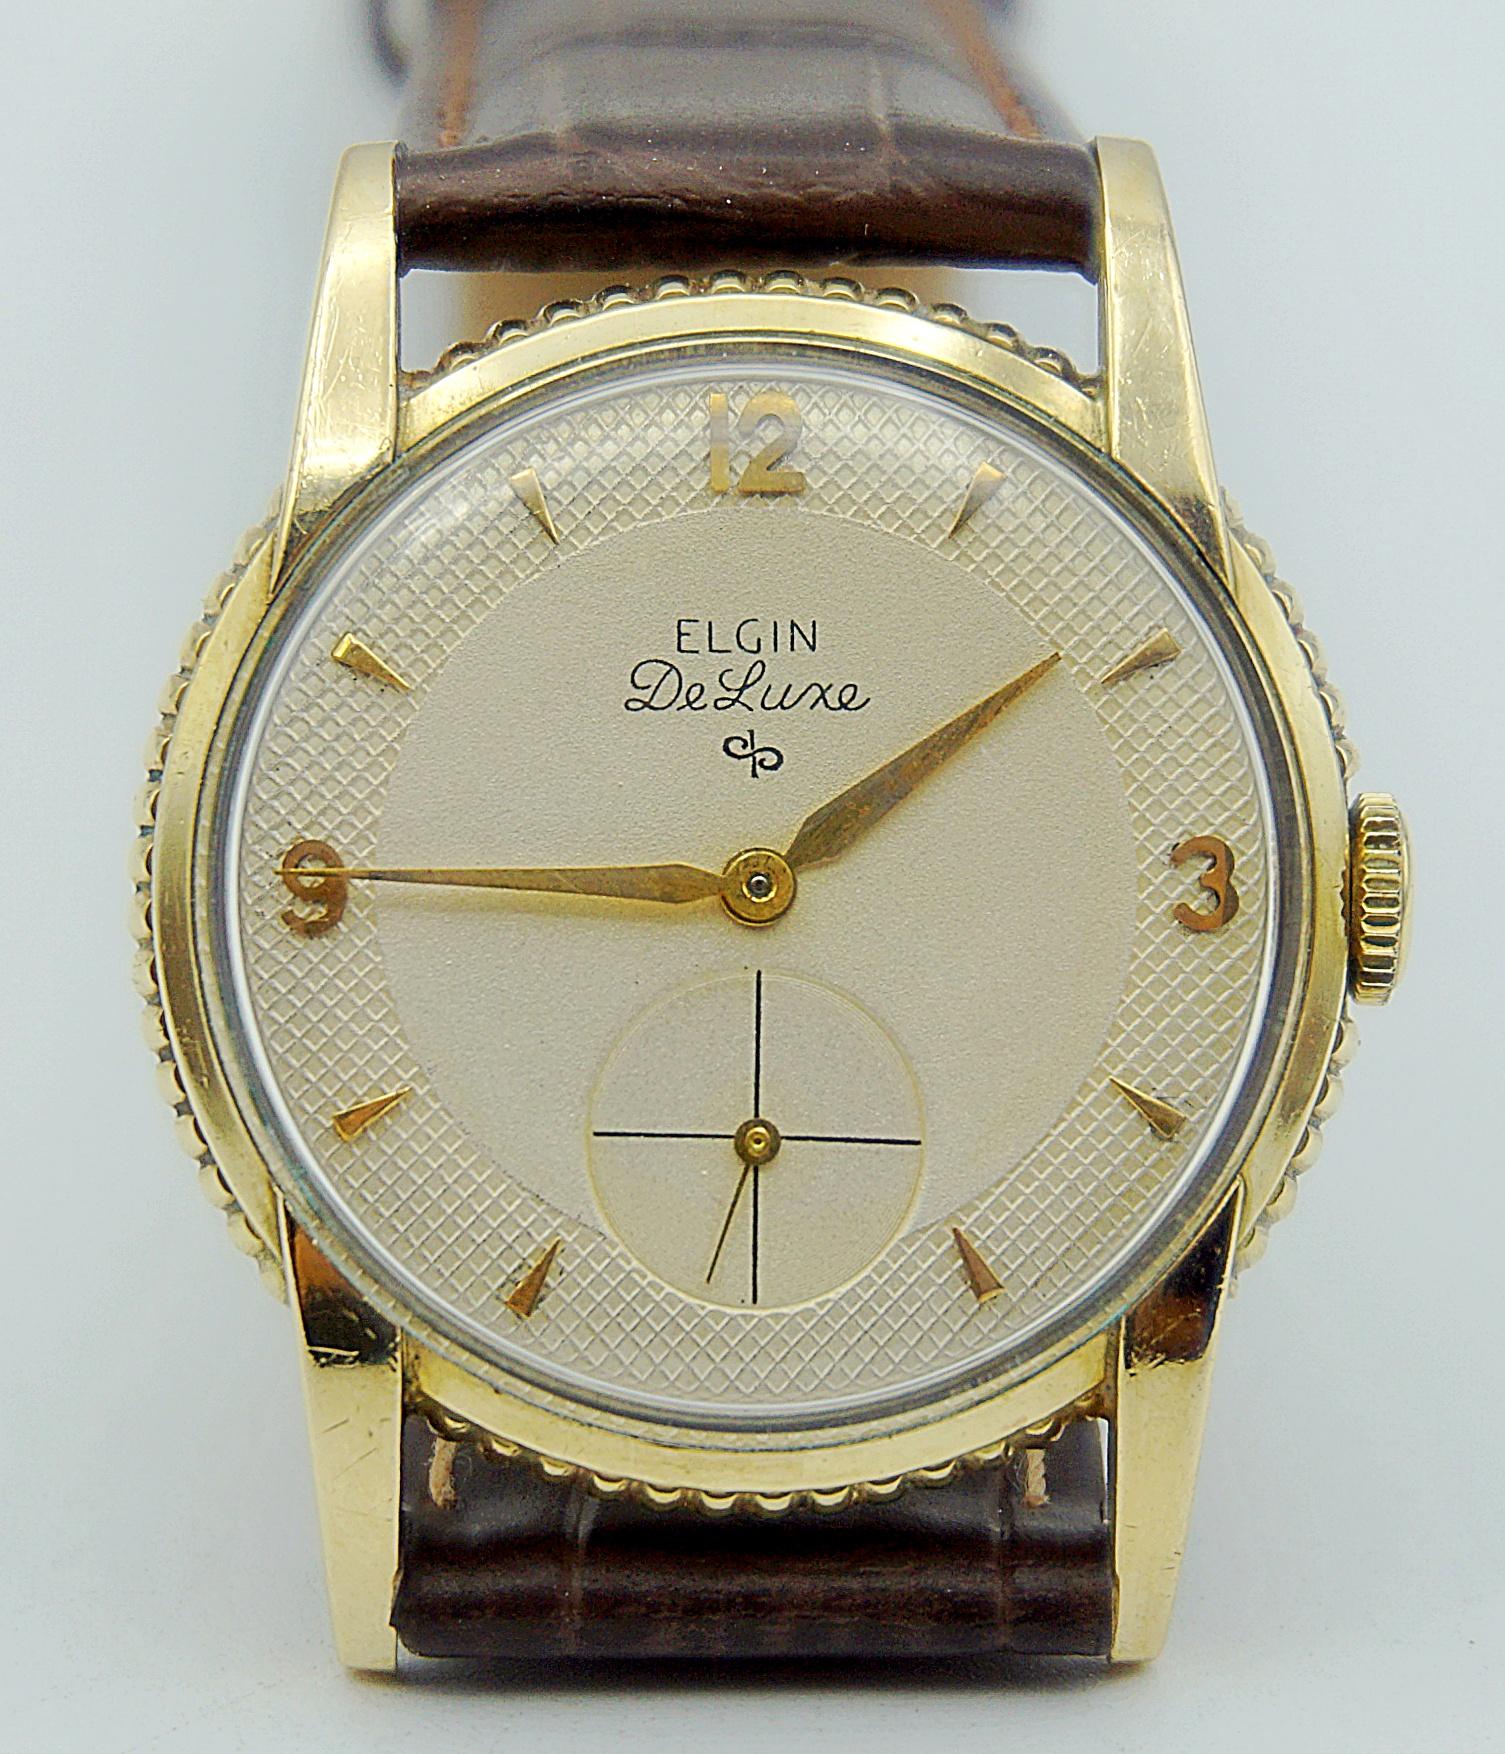 นาฬิกาเก่า ELGIN ไขลานสองเข็มครี่ง